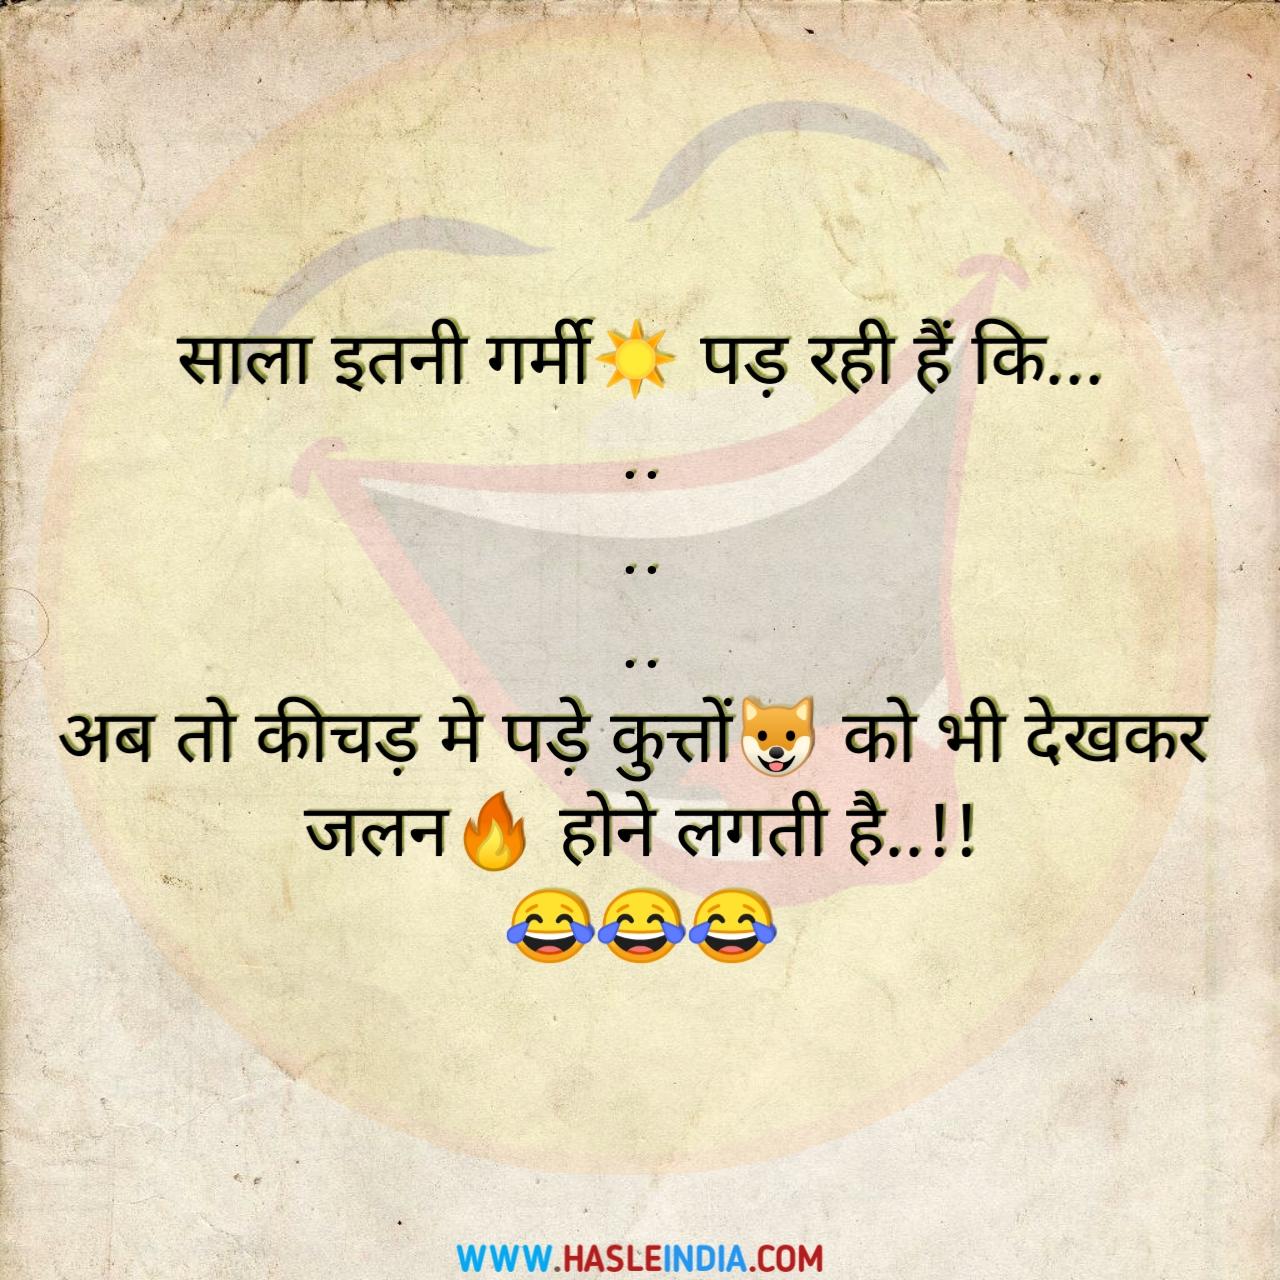 garmi jokes, garmi jokes images, summer jokes images, jokes in hindi, funny hindi jokes, Hindi jokes, hindi chutkule, hindi joke sms, hindi jokes pic, hindi jokes images, Hasle india,